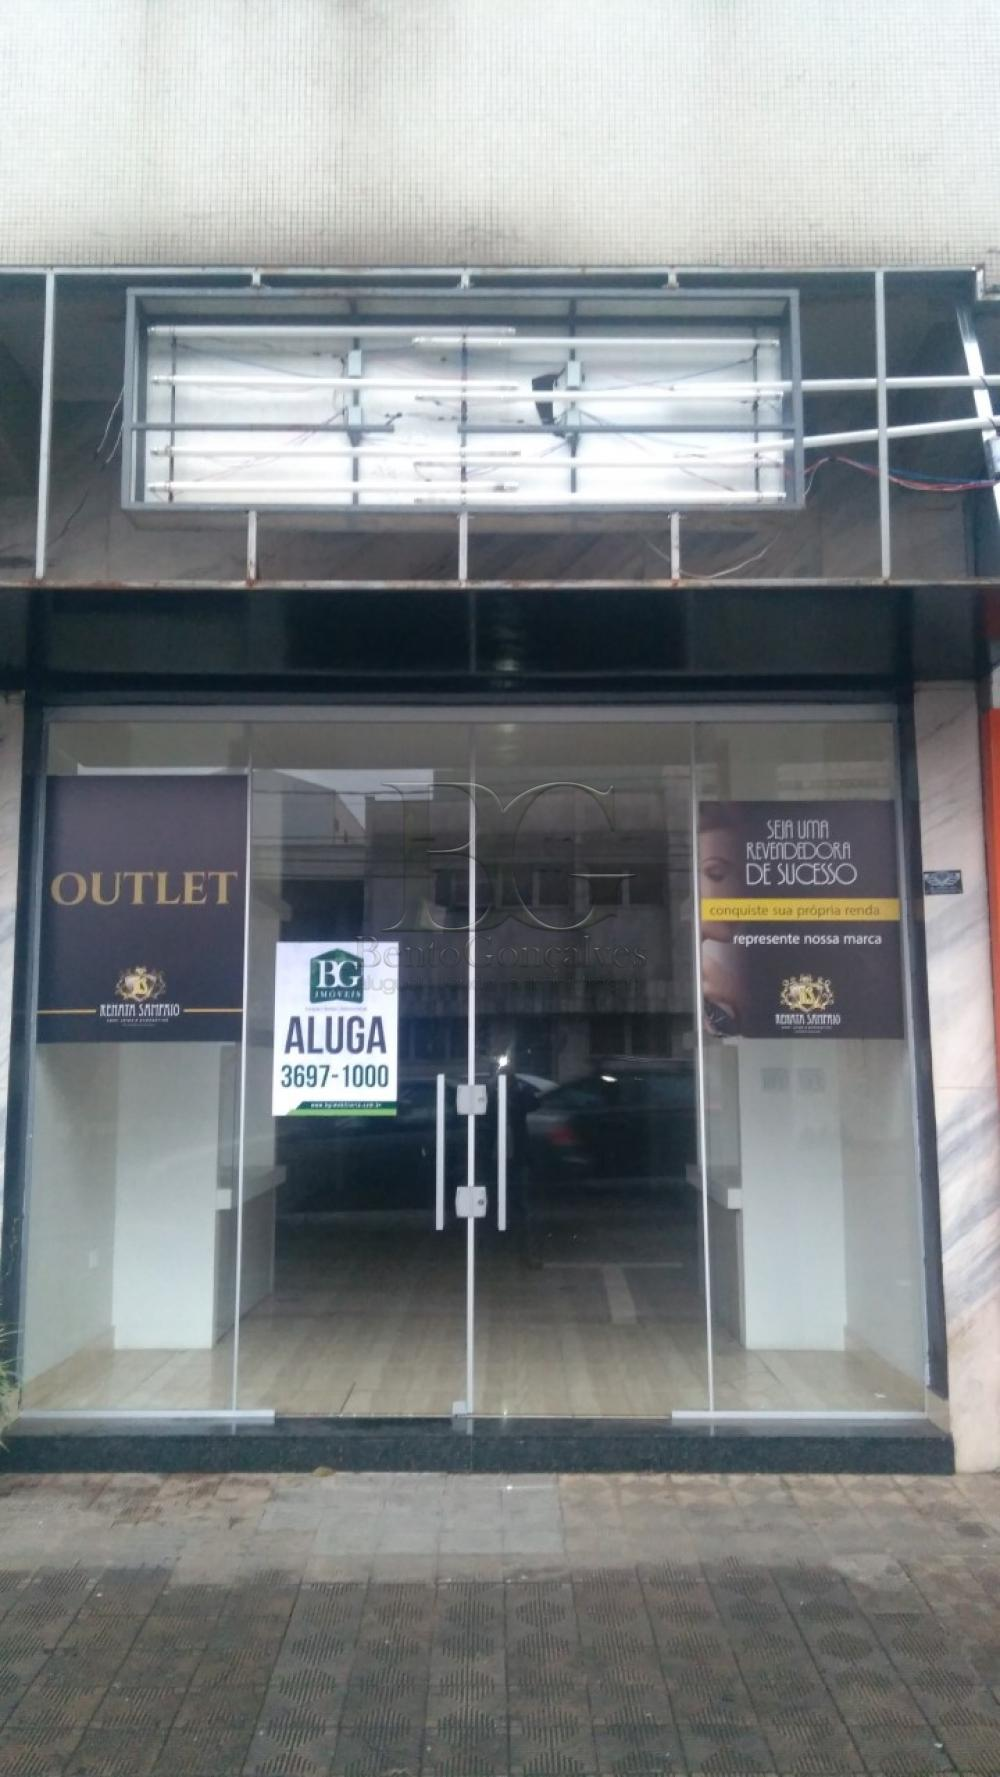 Alugar Comercial / Padrão em Poços de Caldas apenas R$ 5.000,00 - Foto 1